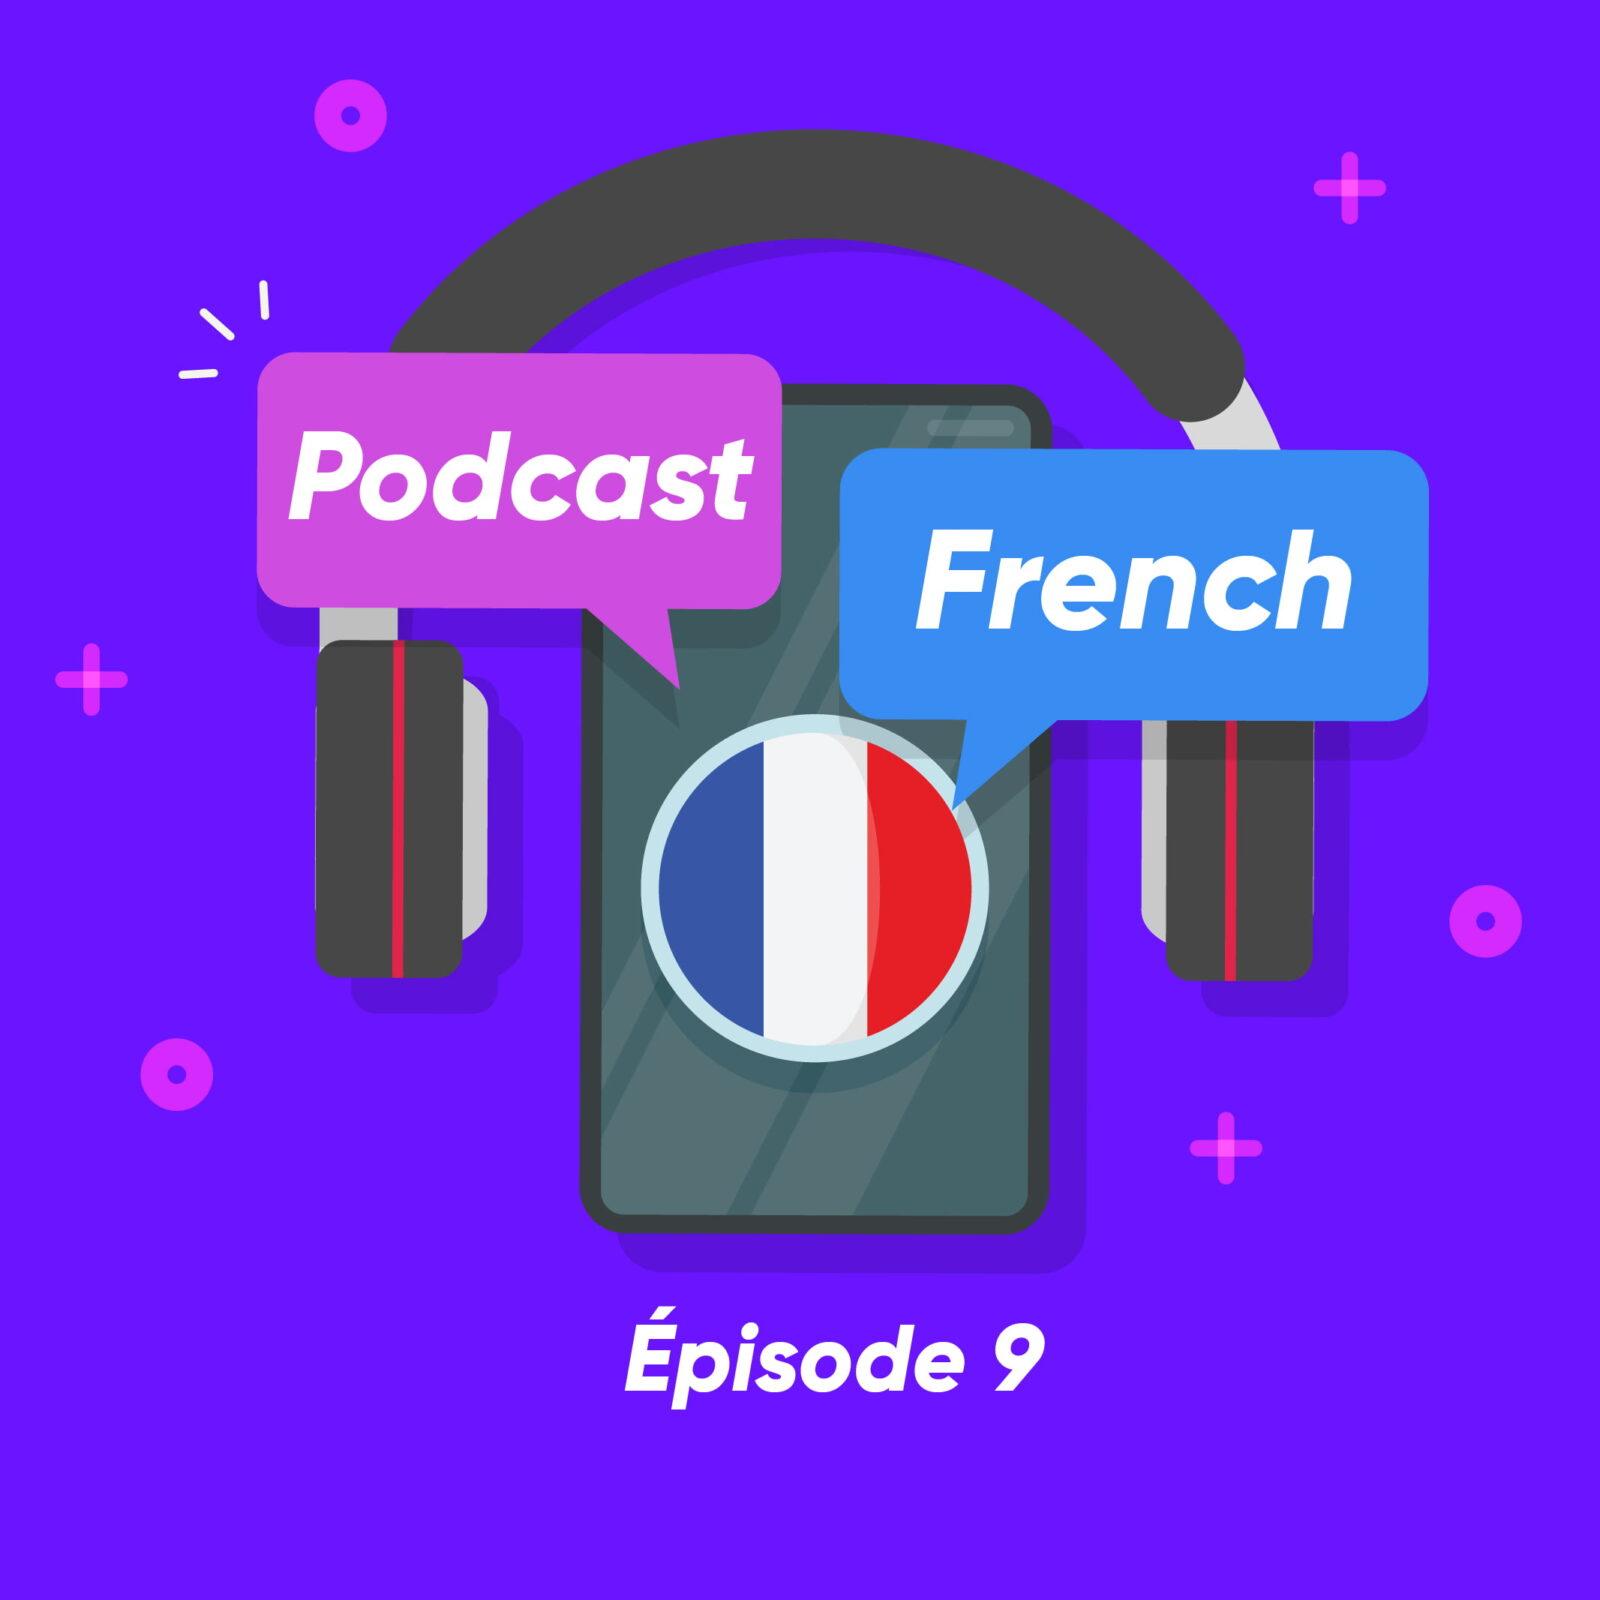 پادکست فرانسه شماره 9